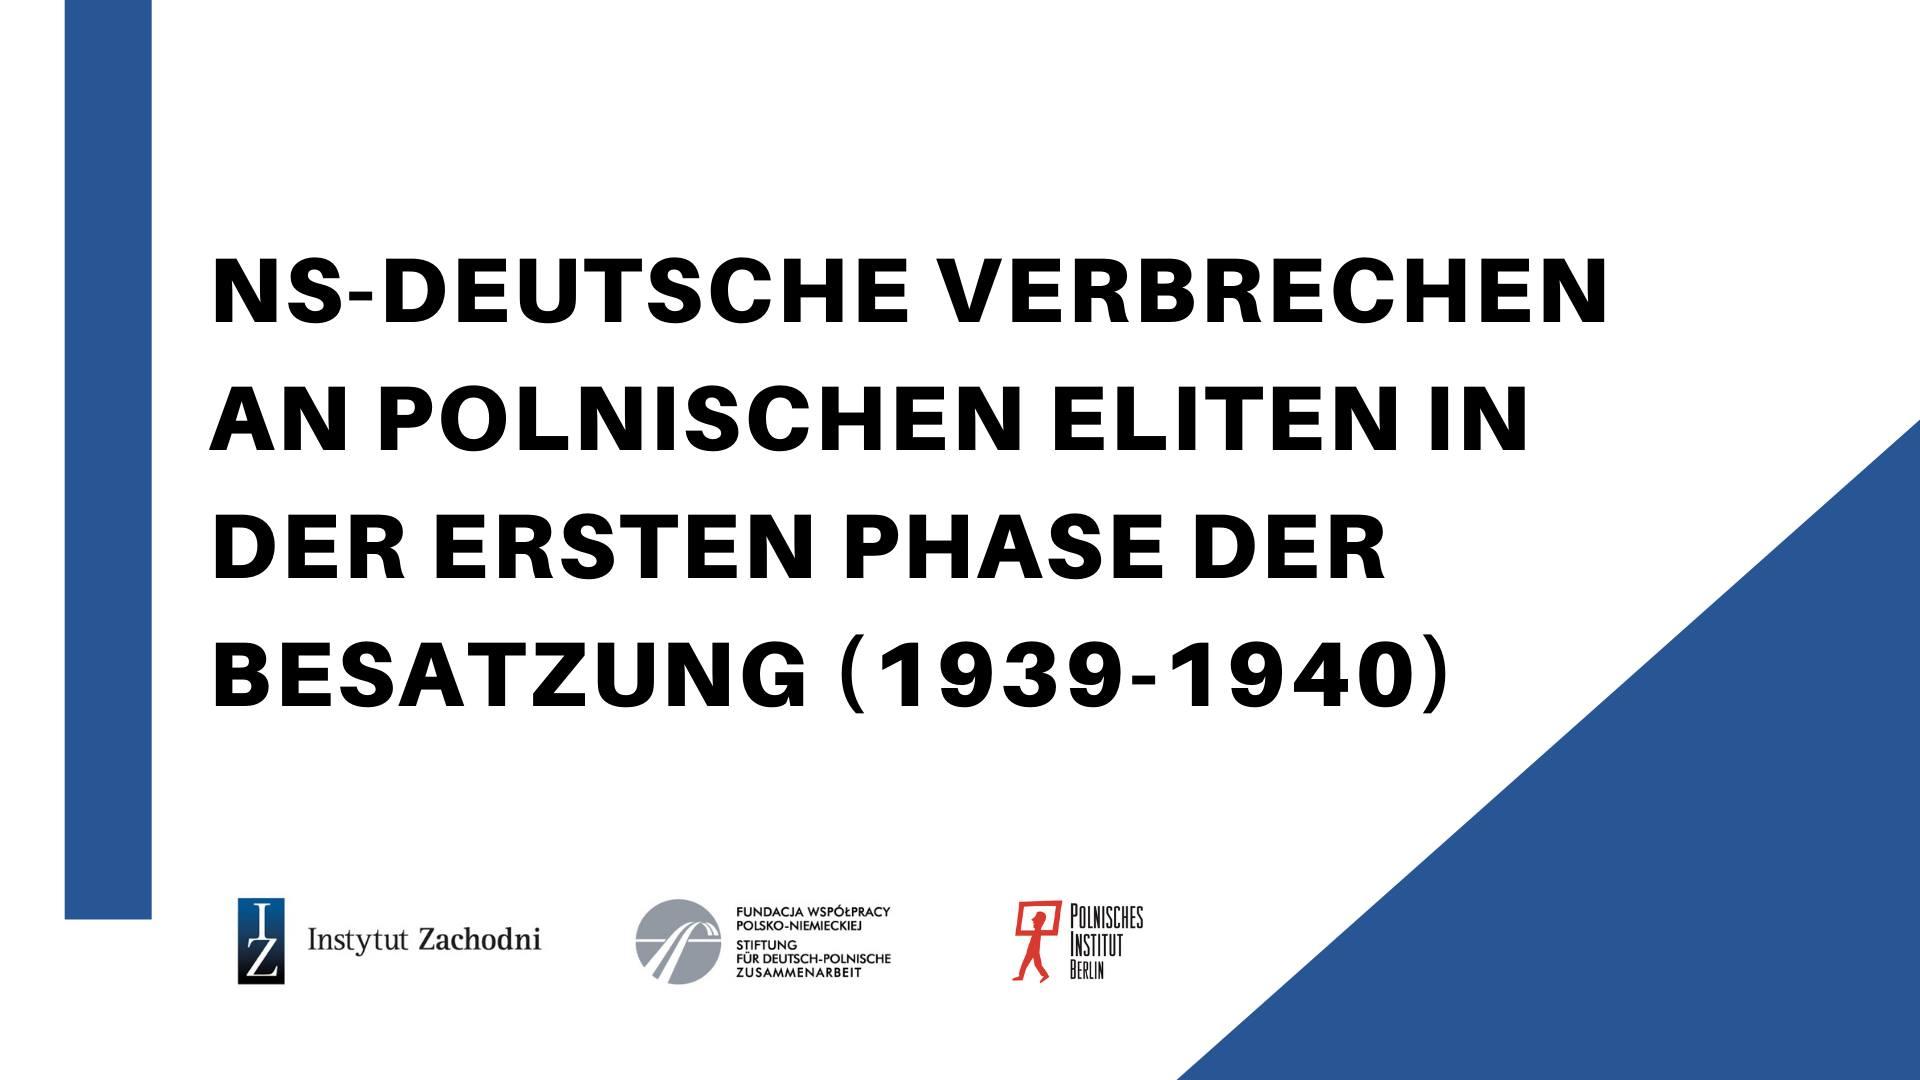 NS-Deutsche Verbrechen an polnischen Eliten in der ersten Phase der Besatzung (1939-1940)